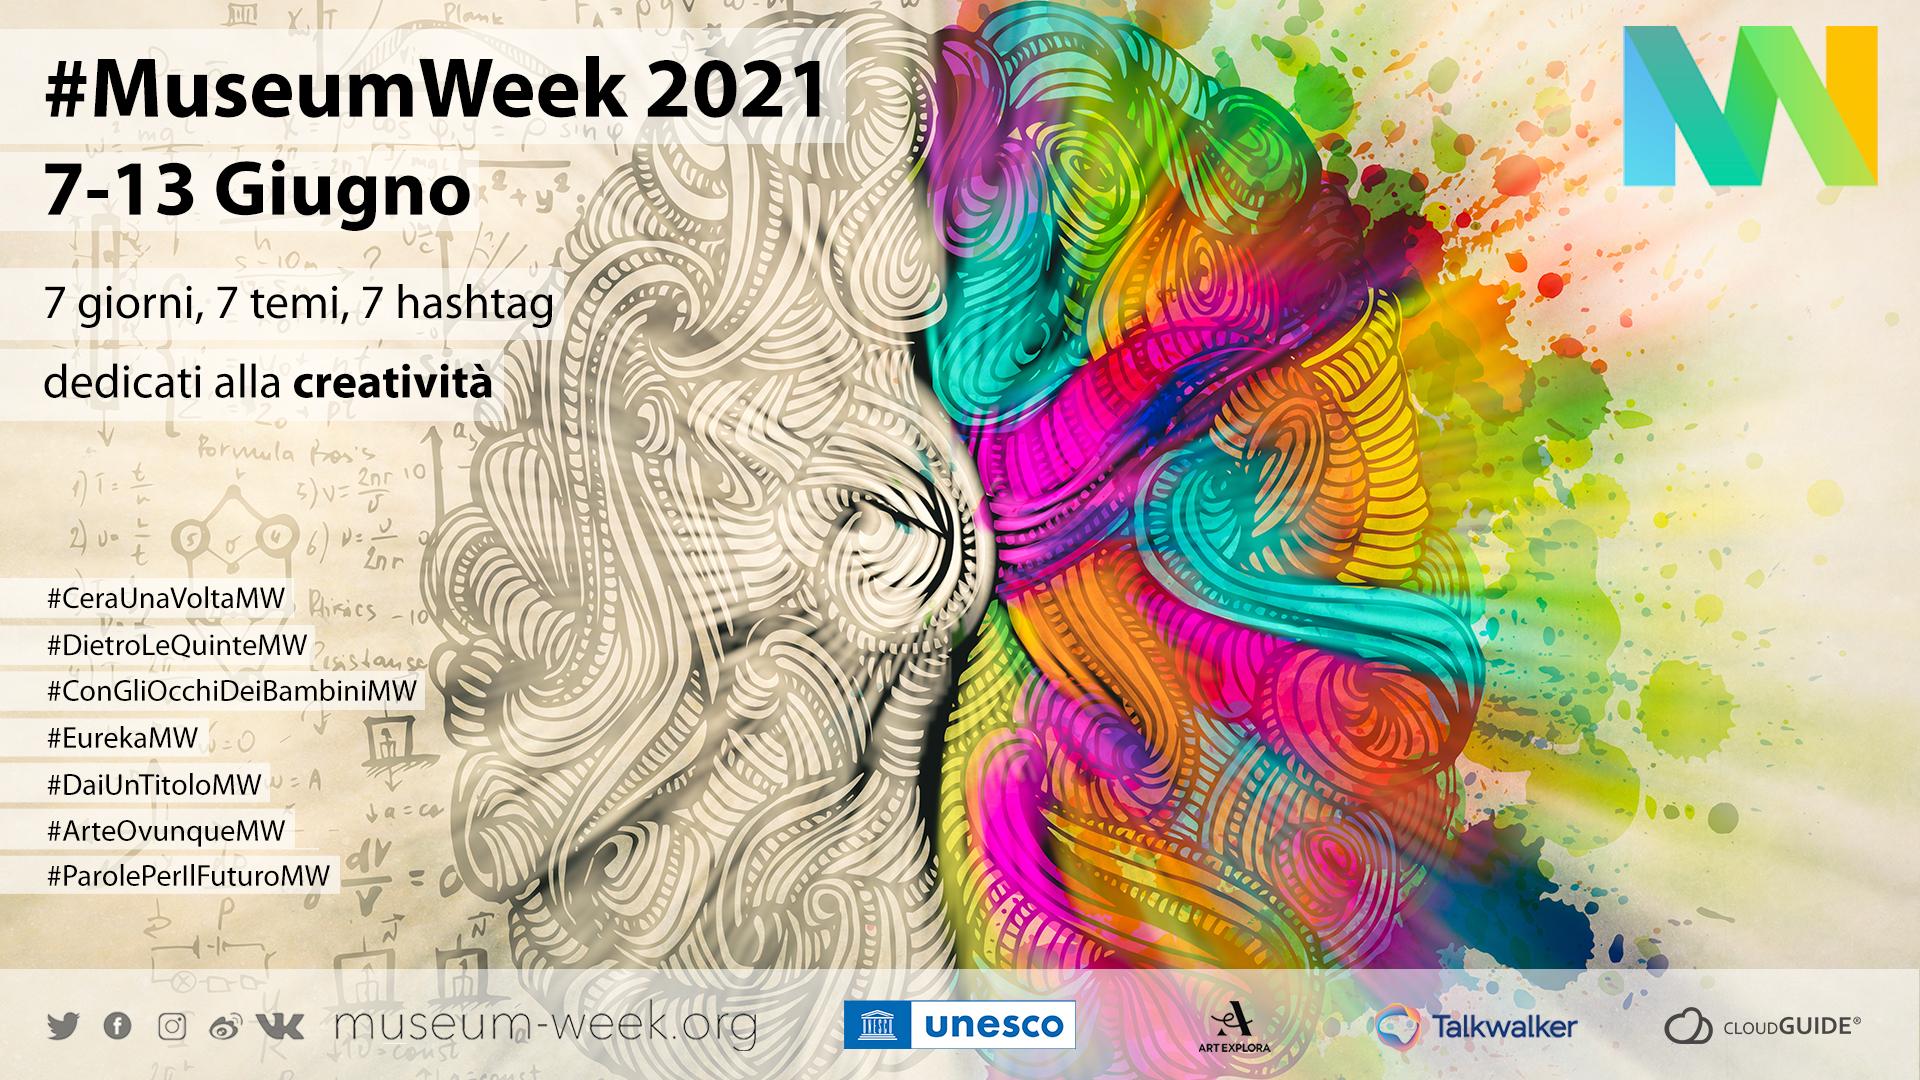 landscape-MuseumWeek-2021-ITALIAN